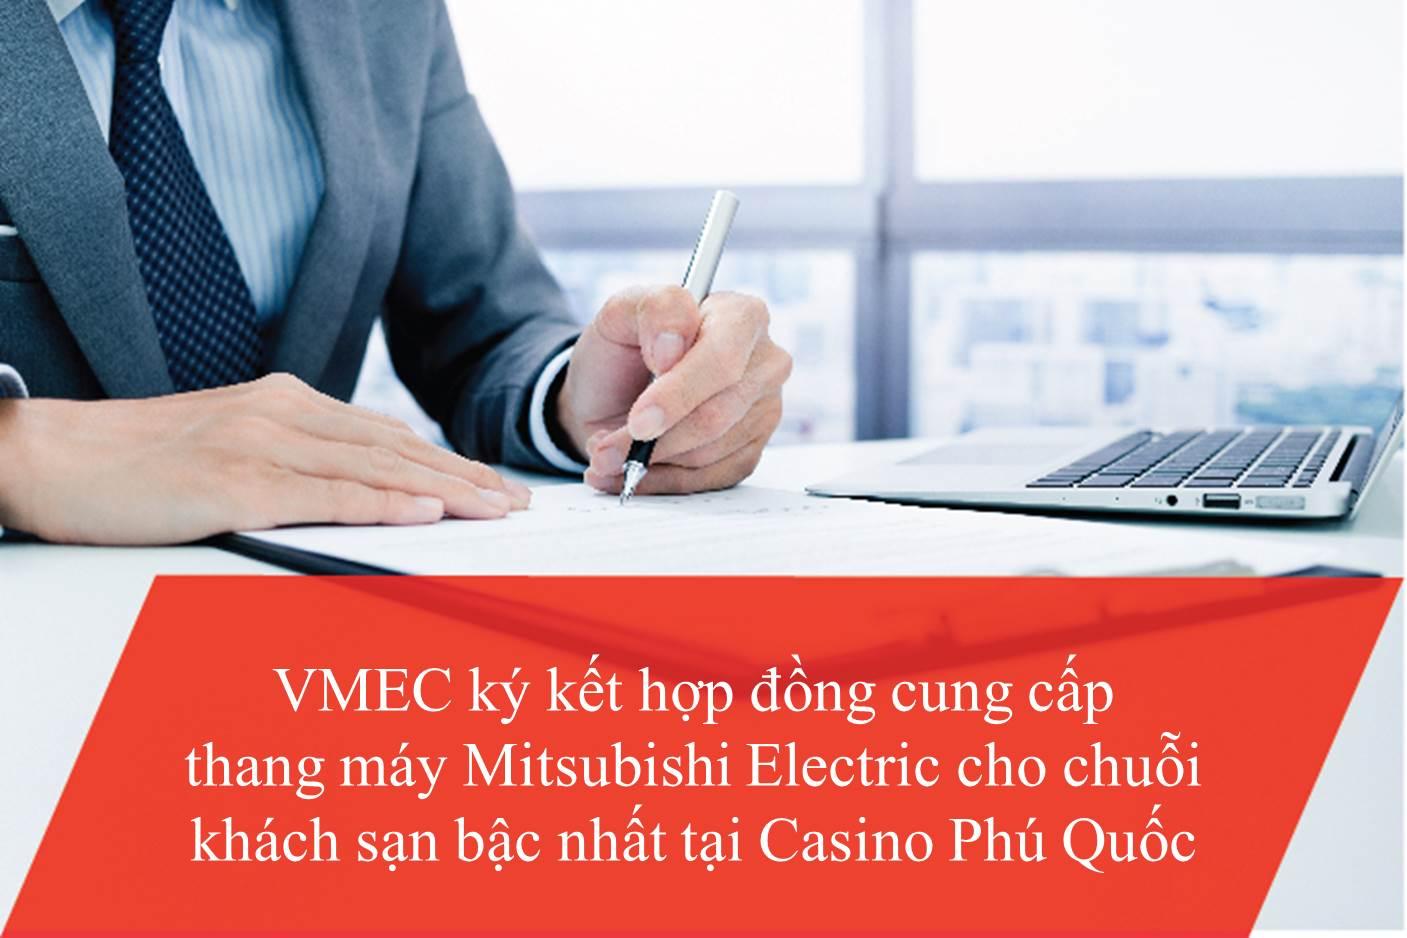 Thang máy Mitsubishi tại chuỗi khách sạn bậc nhất - Casino Phú Quốc